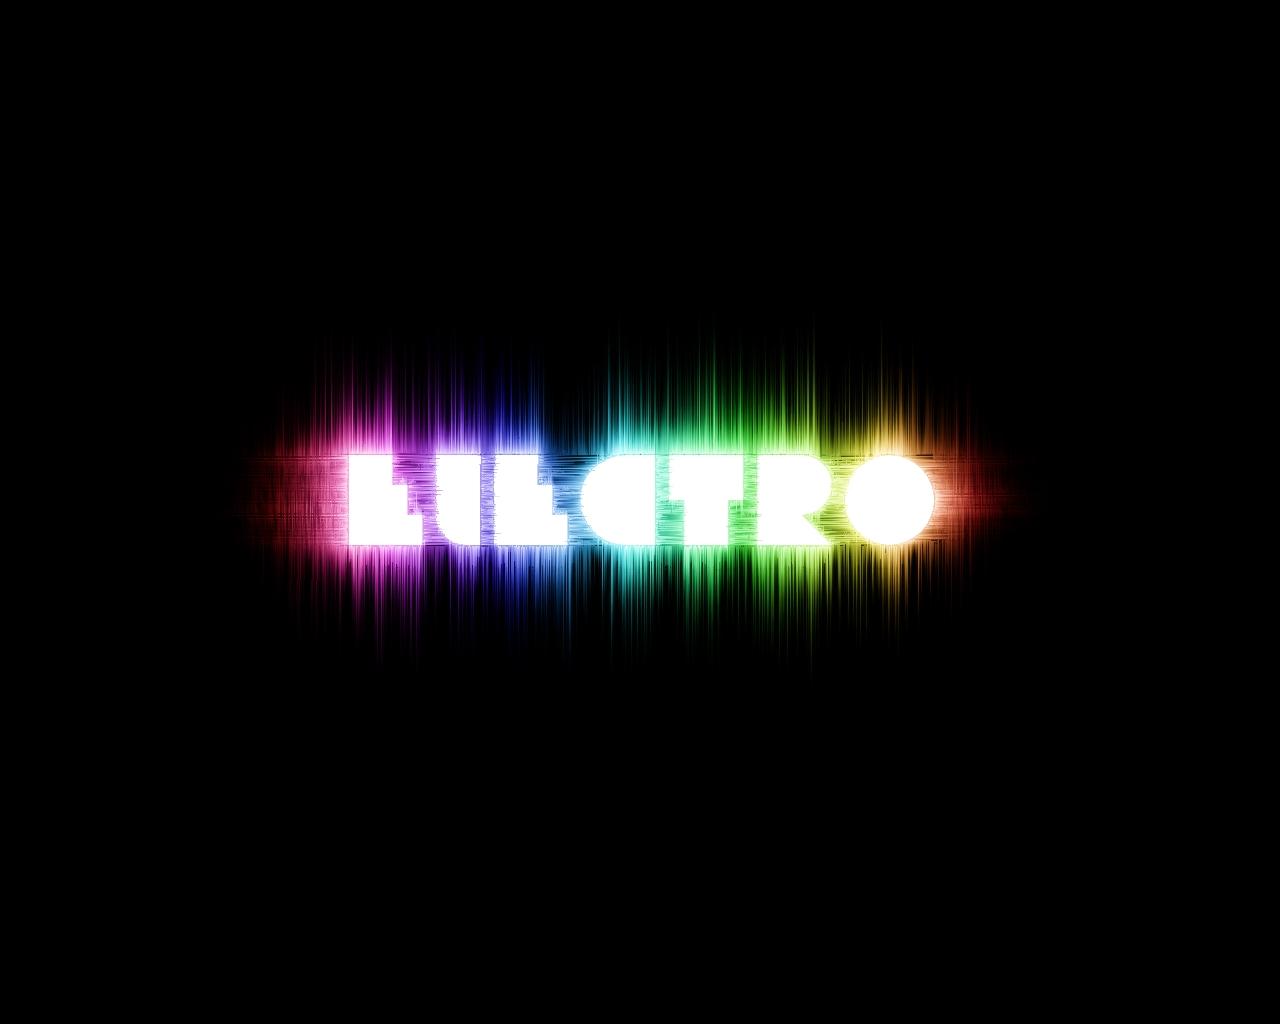 http://1.bp.blogspot.com/-IQxCf0jF78M/Th5RDbJTCHI/AAAAAAAABd0/1-5EIY2E6wY/s1600/electro_soundwave_wallpaper_by_venece1.jpg